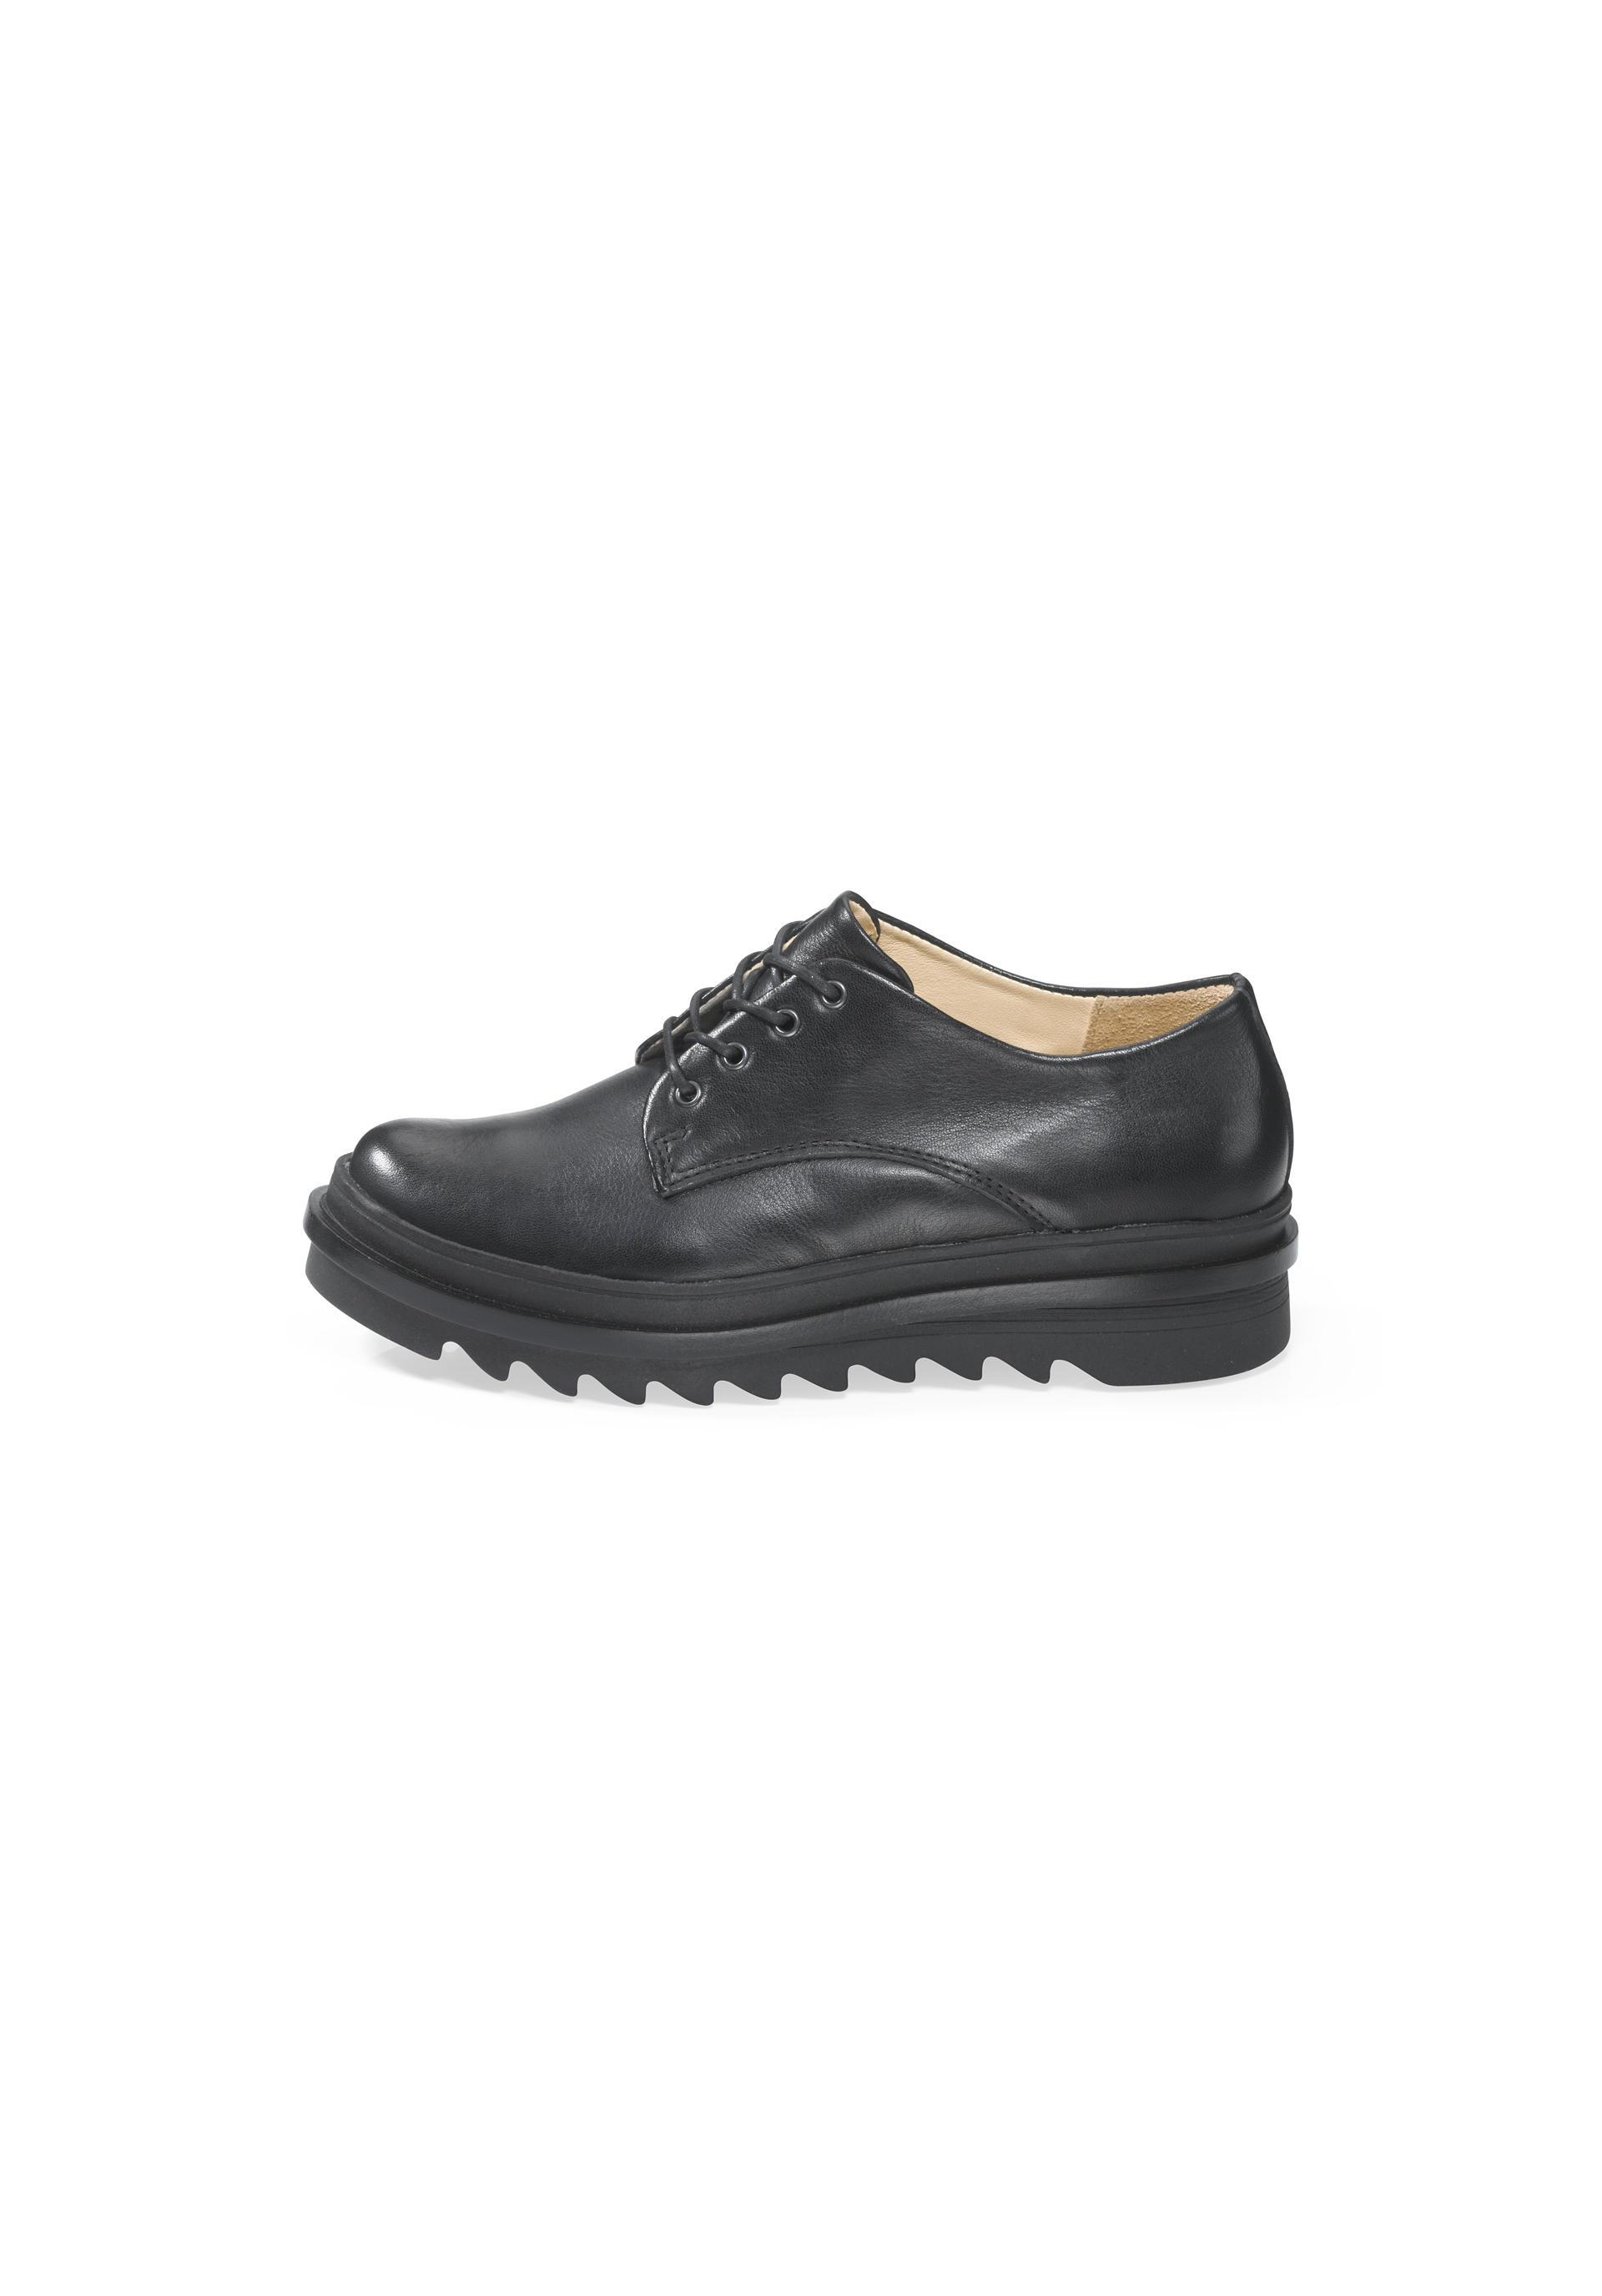 Damen Derby Schuh aus Leder von hessnatur